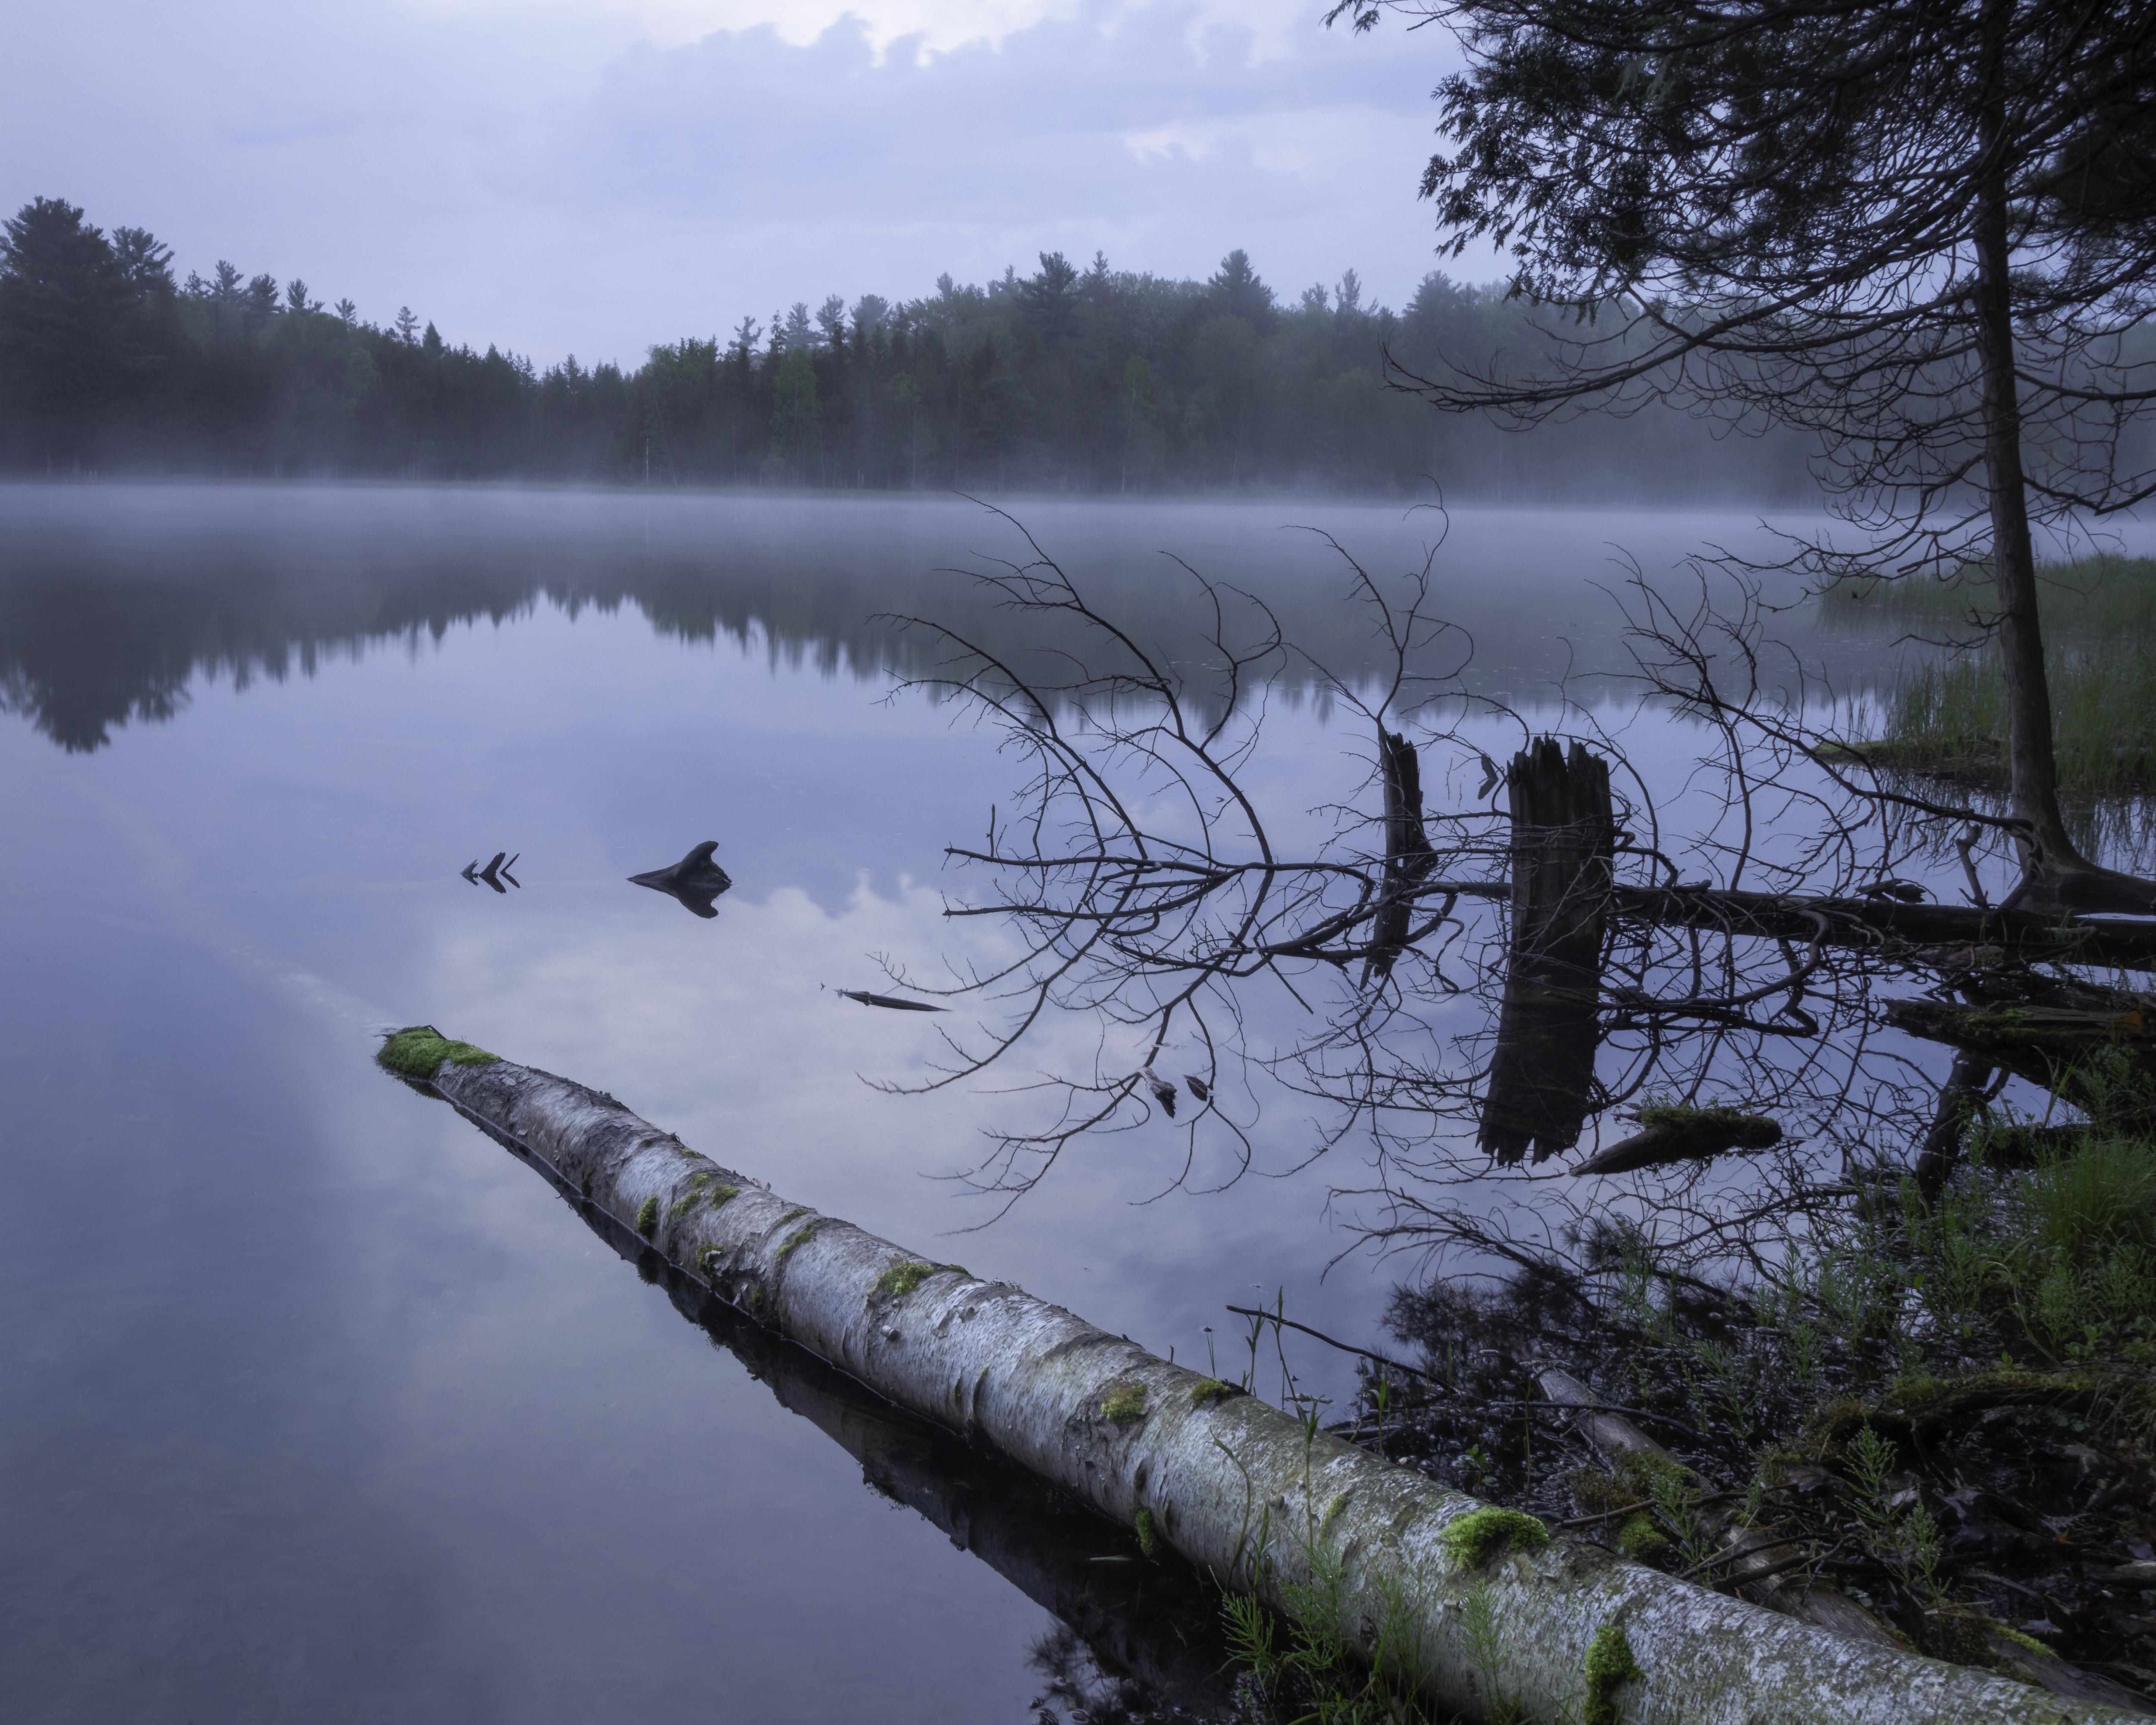 Bass Lake 8367-8314